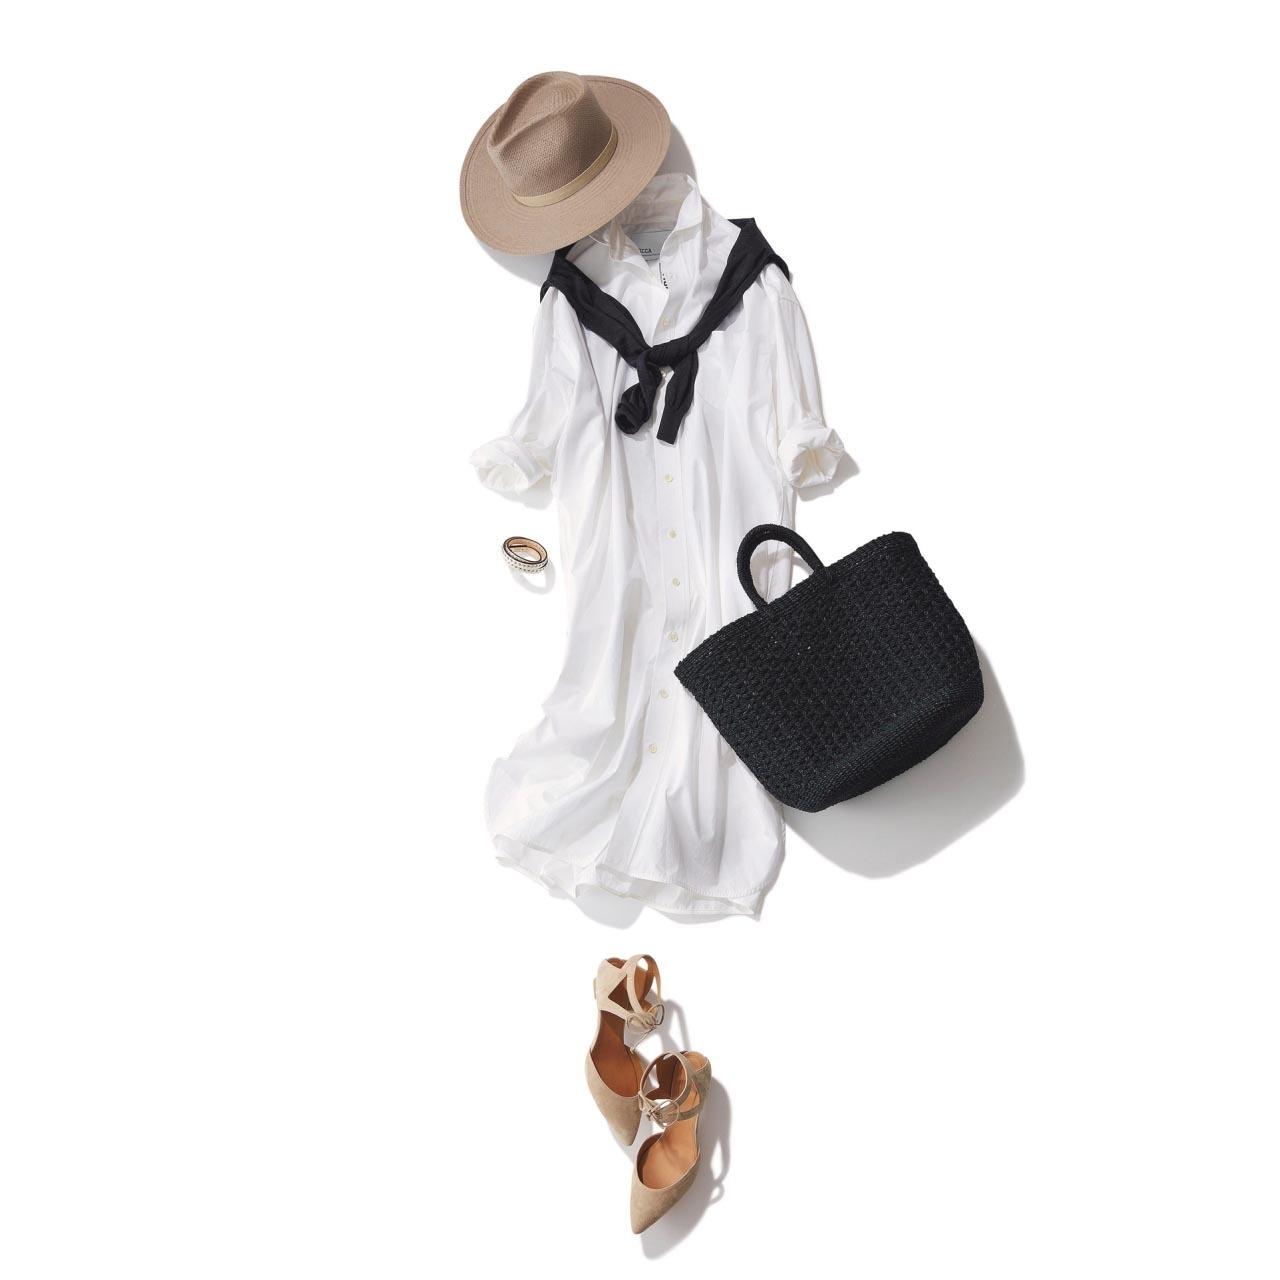 40代のためのシャツワンピース着こなし実例集 アラフォーファッション_1_31